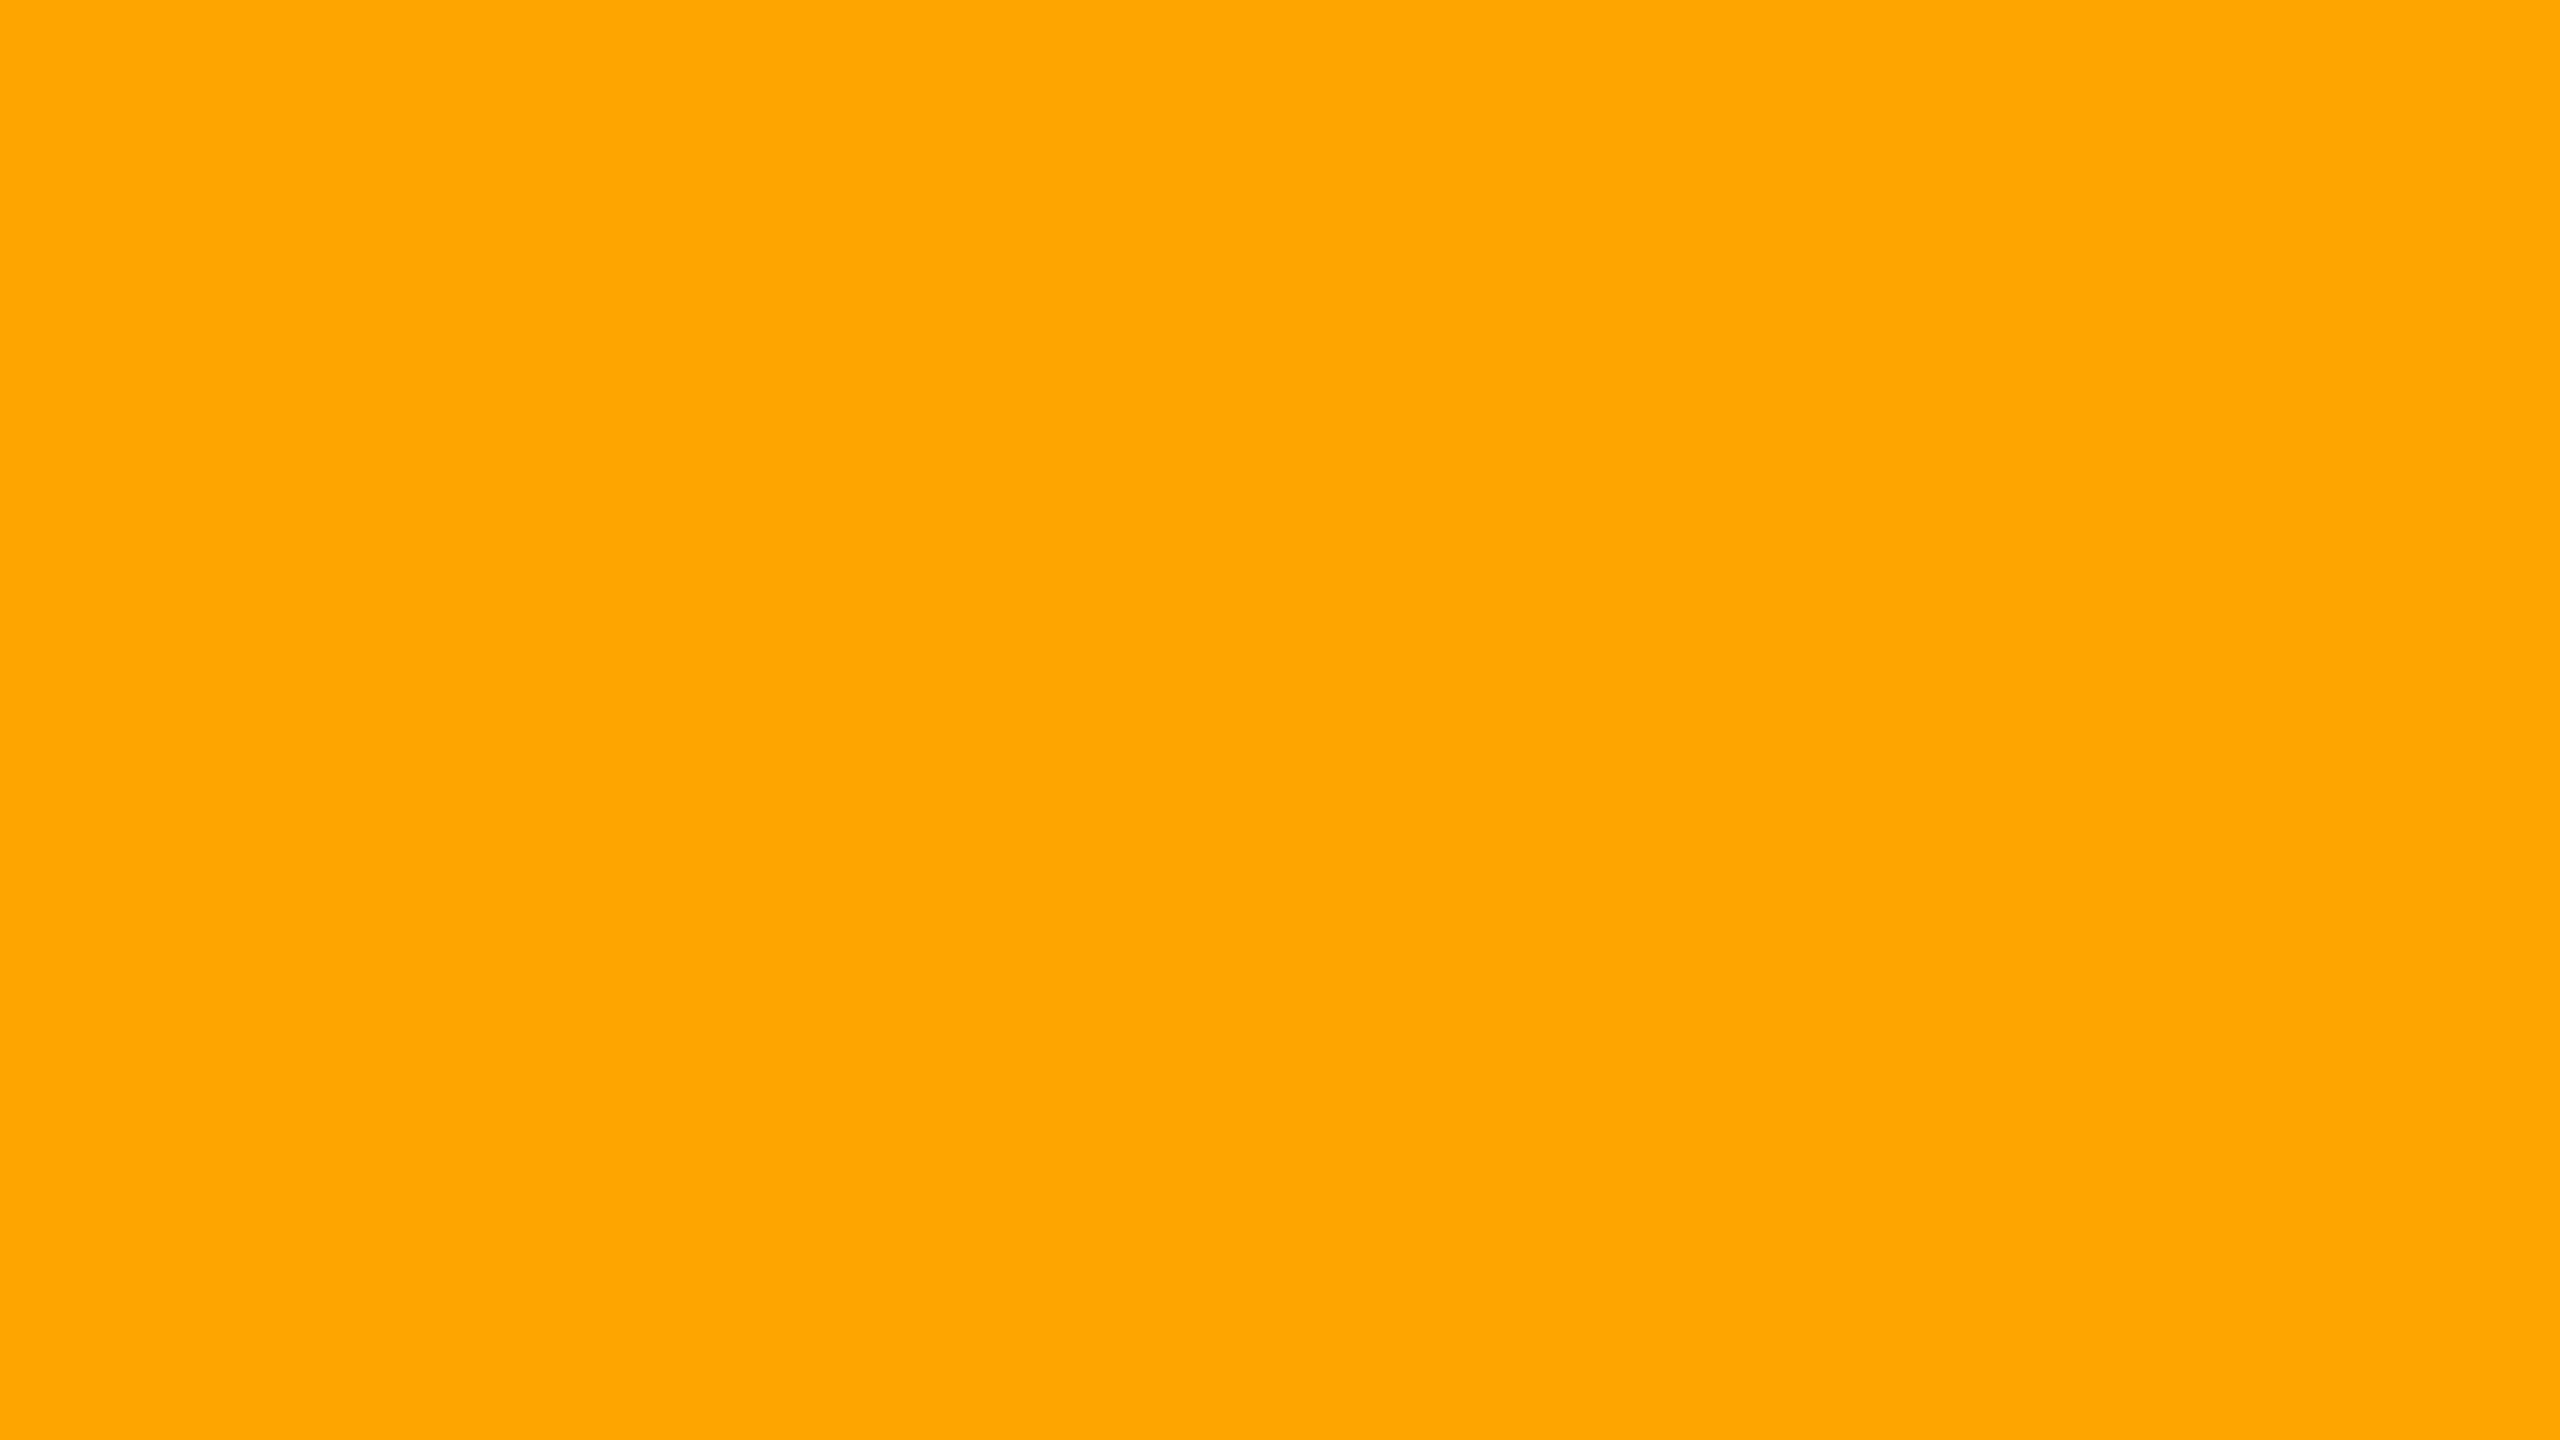 2560×1440-orange-web-solid-color-background